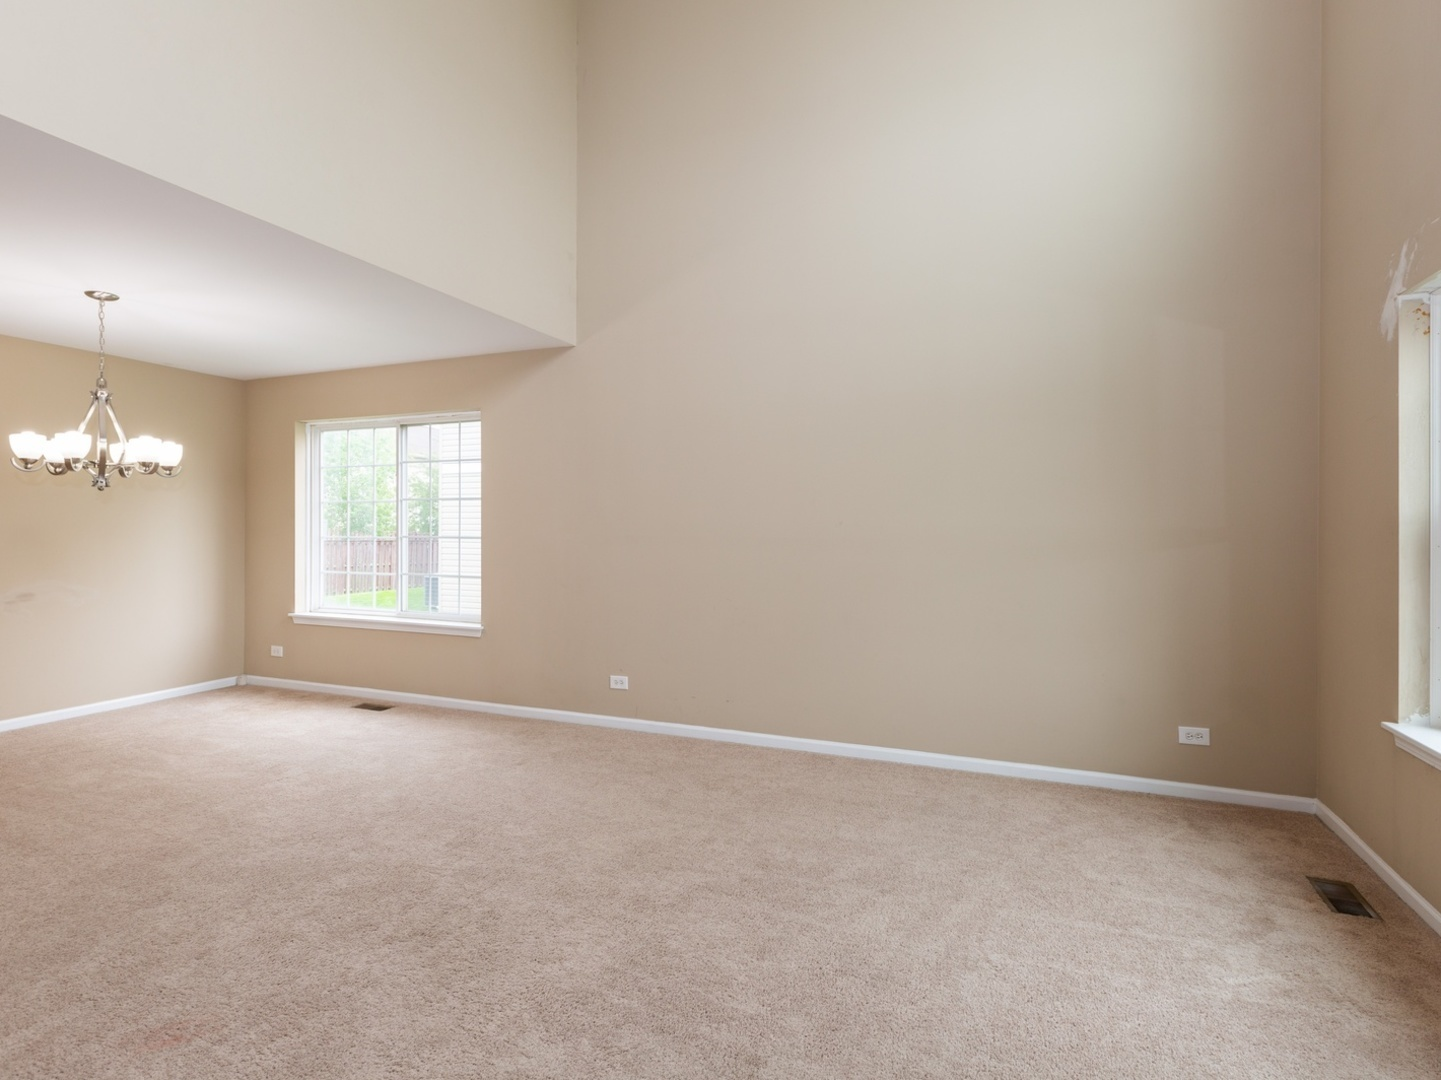 2610 SPINNAKER, AURORA, Illinois, 60503